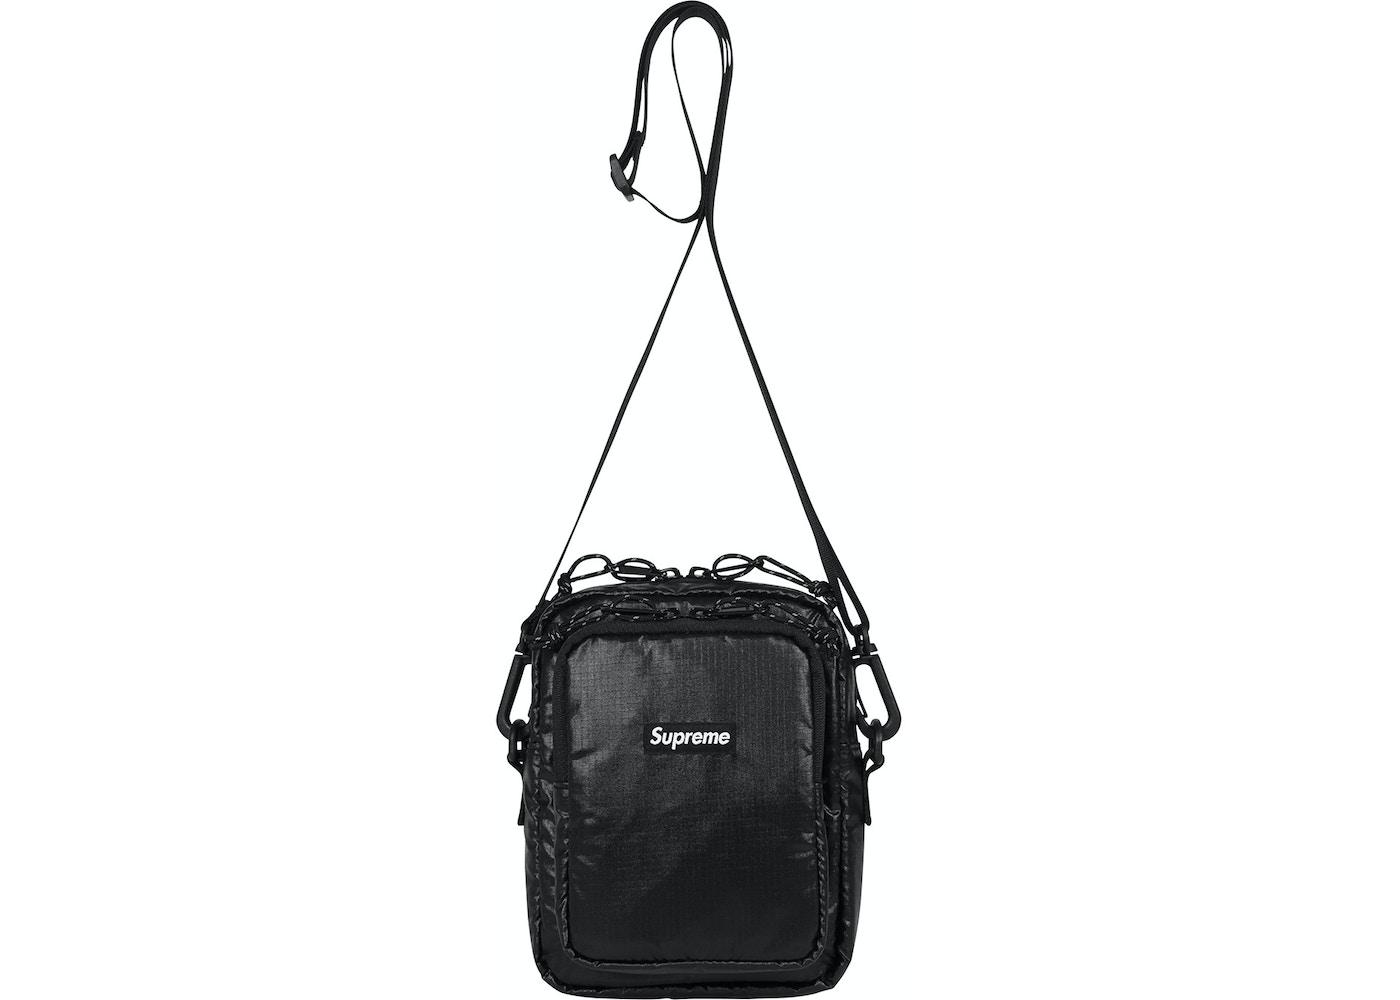 Supreme Shoulder Bag Black Fw17